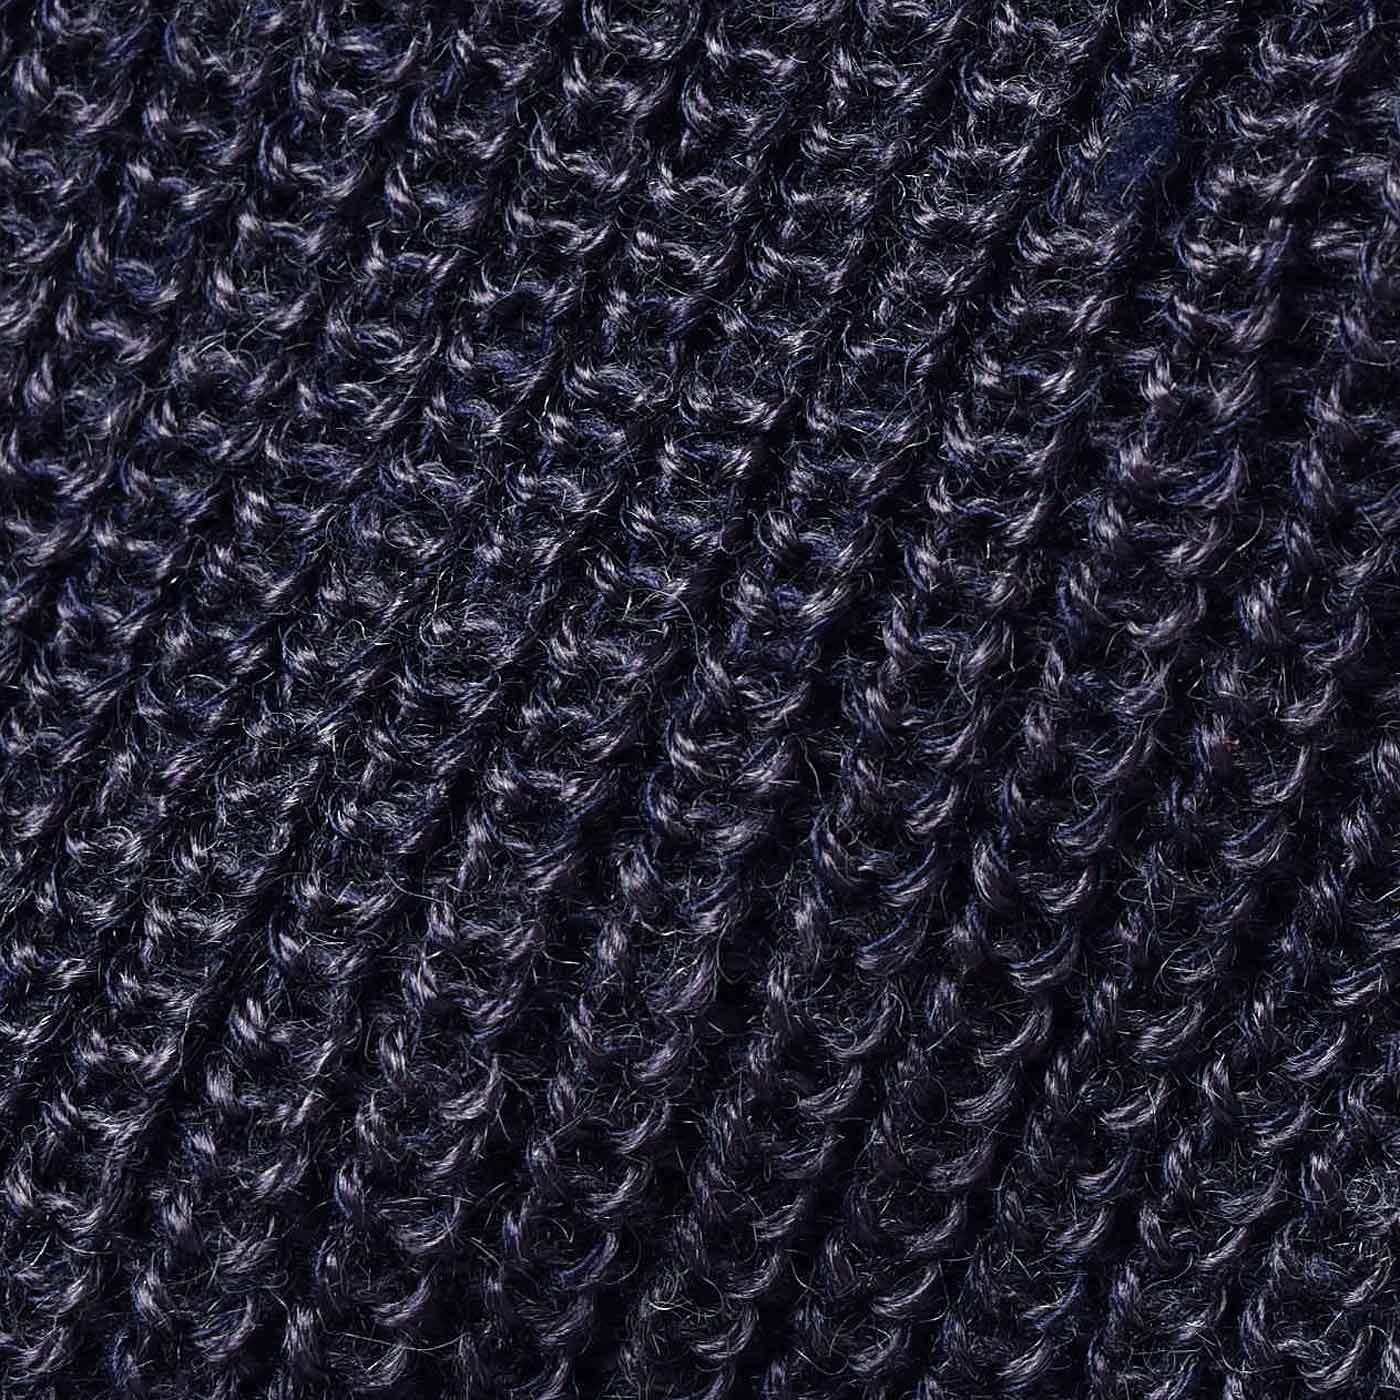 表面にニュアンスがある片あぜ編み。編み目の縦ラインで細見え効果も。